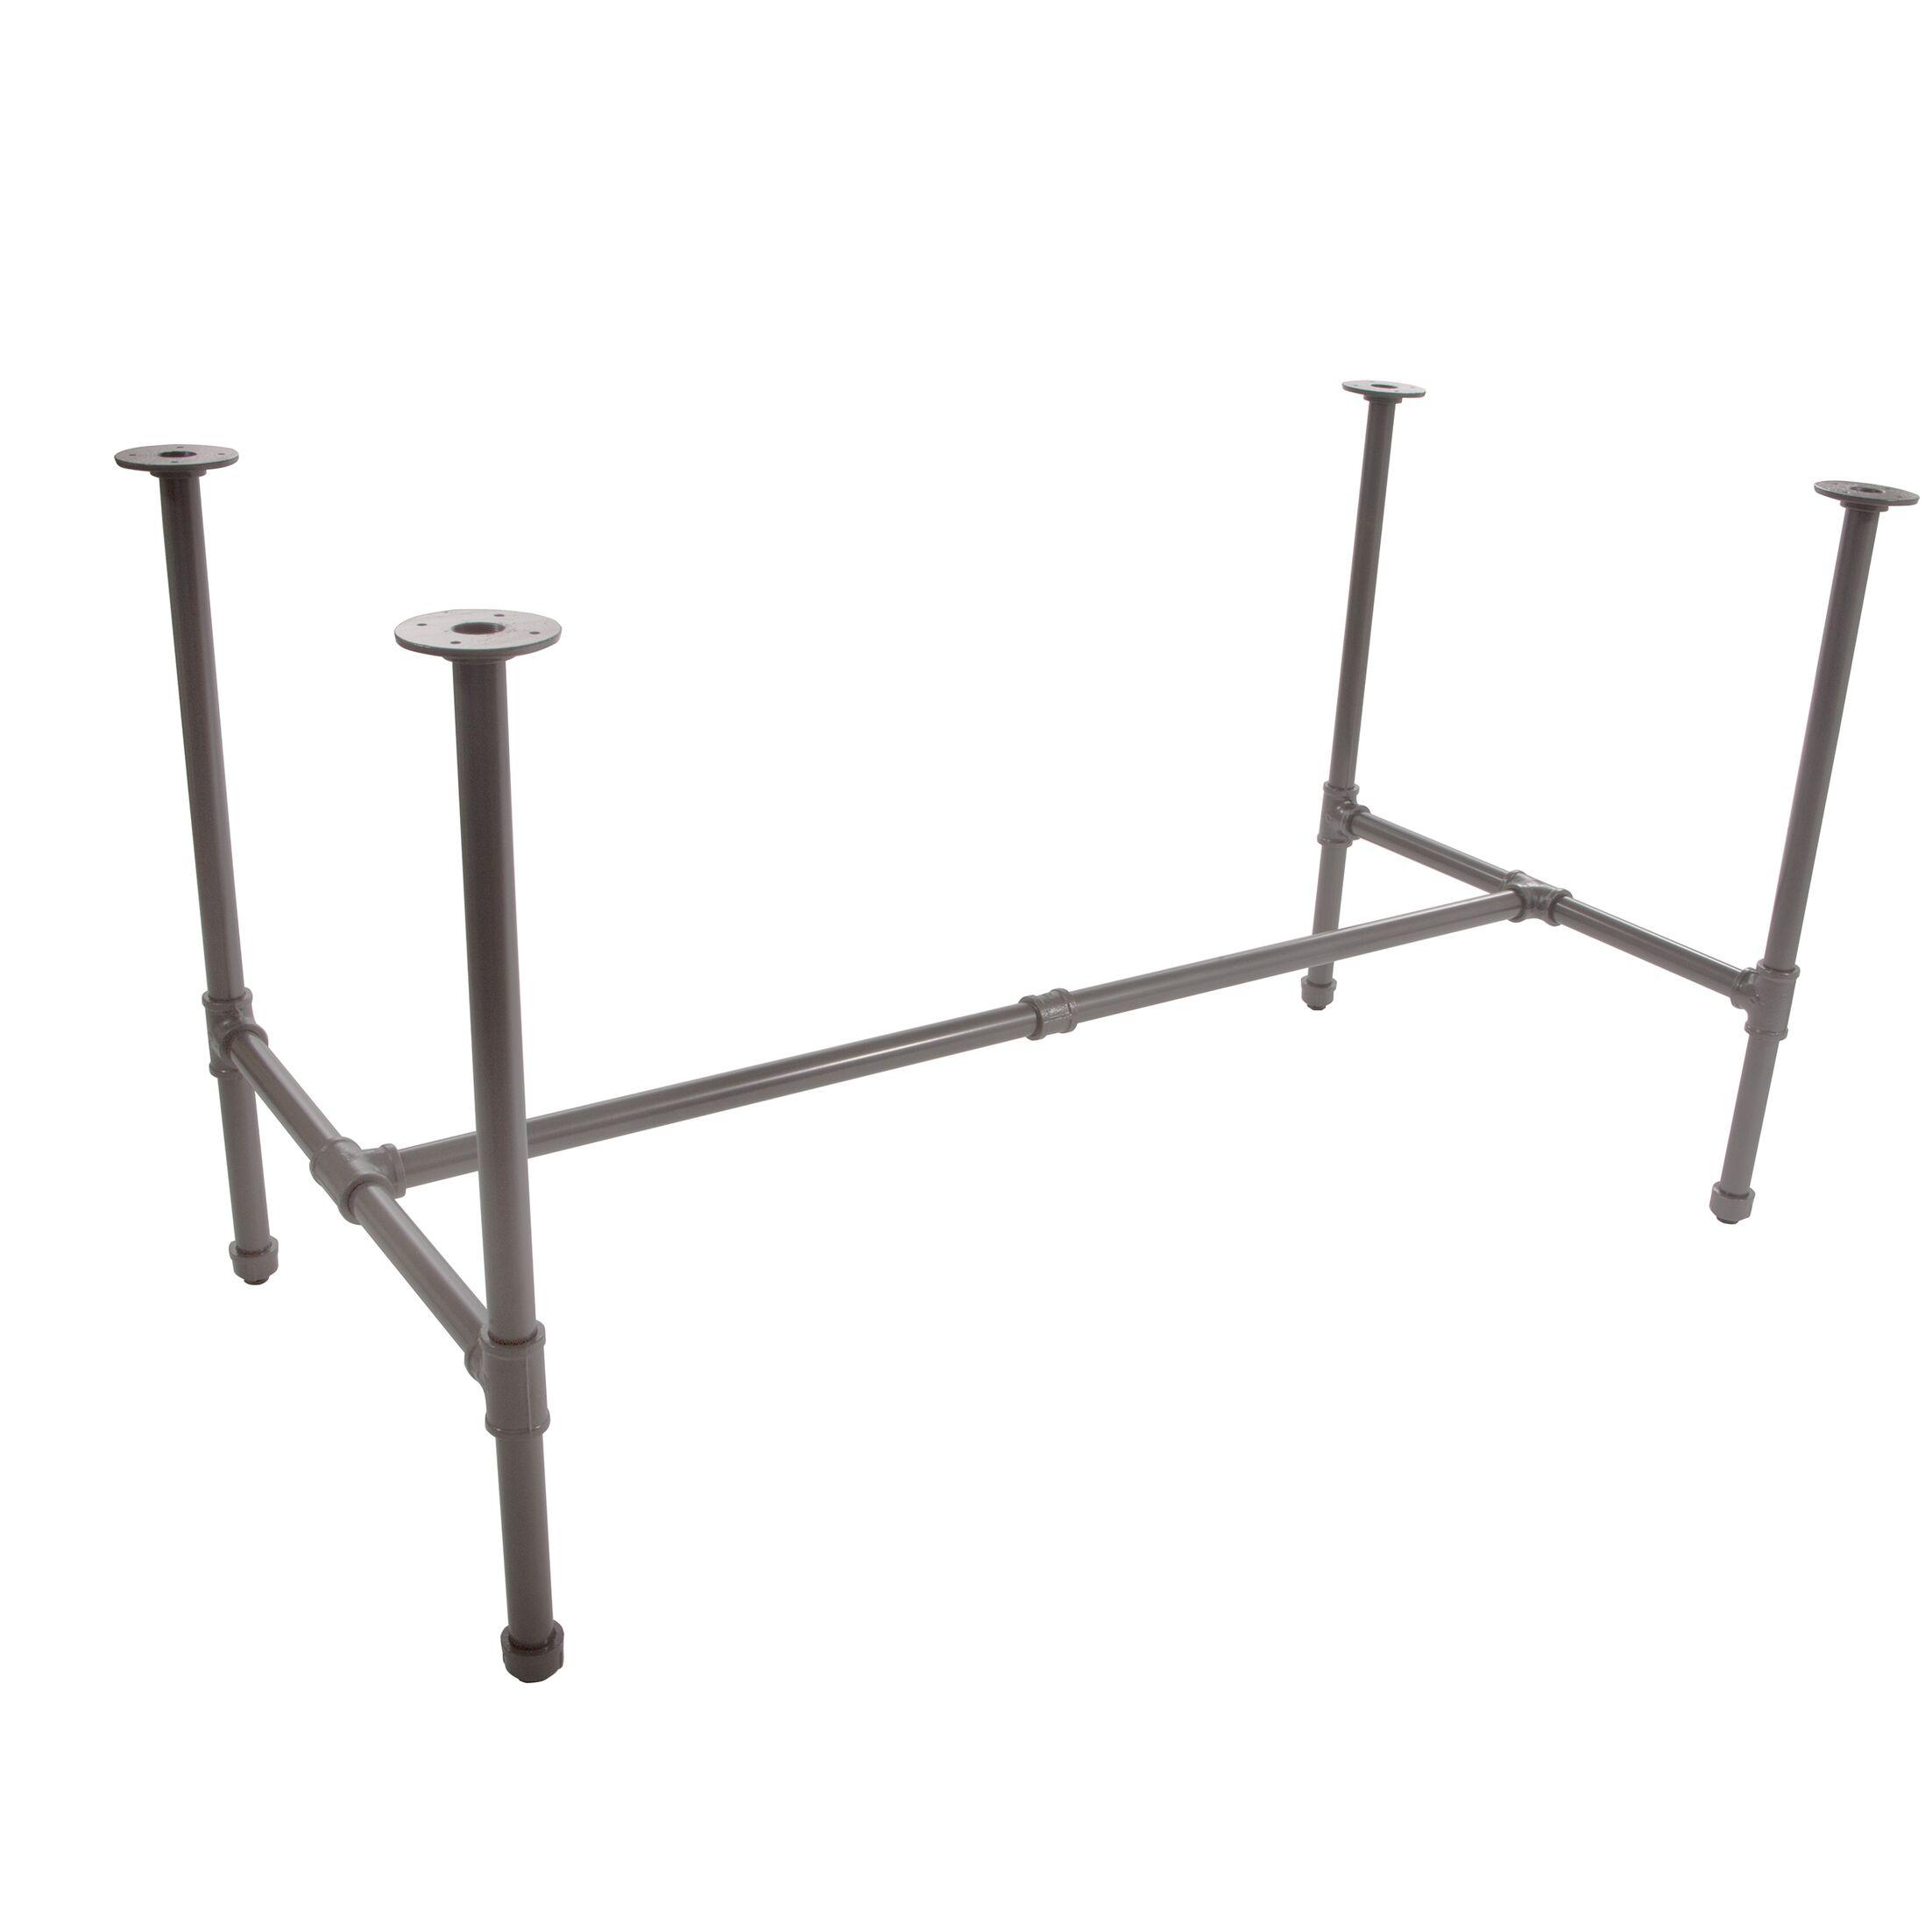 Margate Nesting Table Frame Size: 30.5